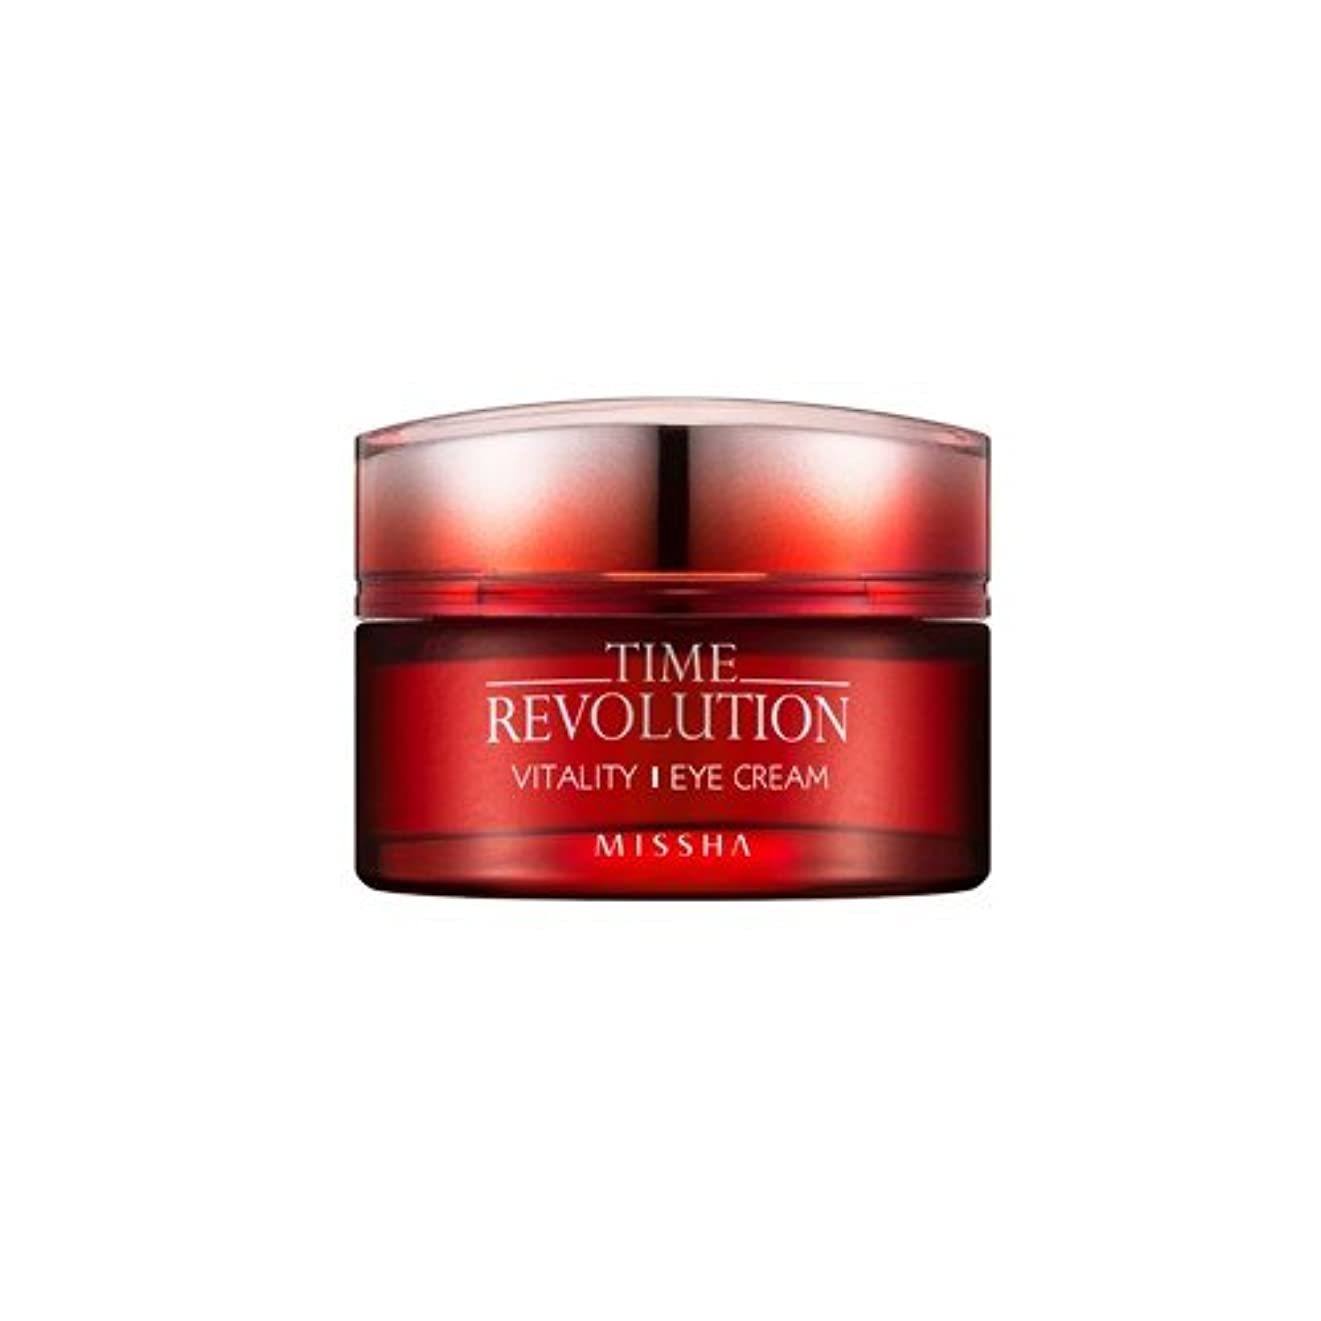 規制する熟読するブルゴーニュMISSHA time revolution vitality eye cream (ミシャ タイムレボリューション バイタリティー アイクリーム)25ml